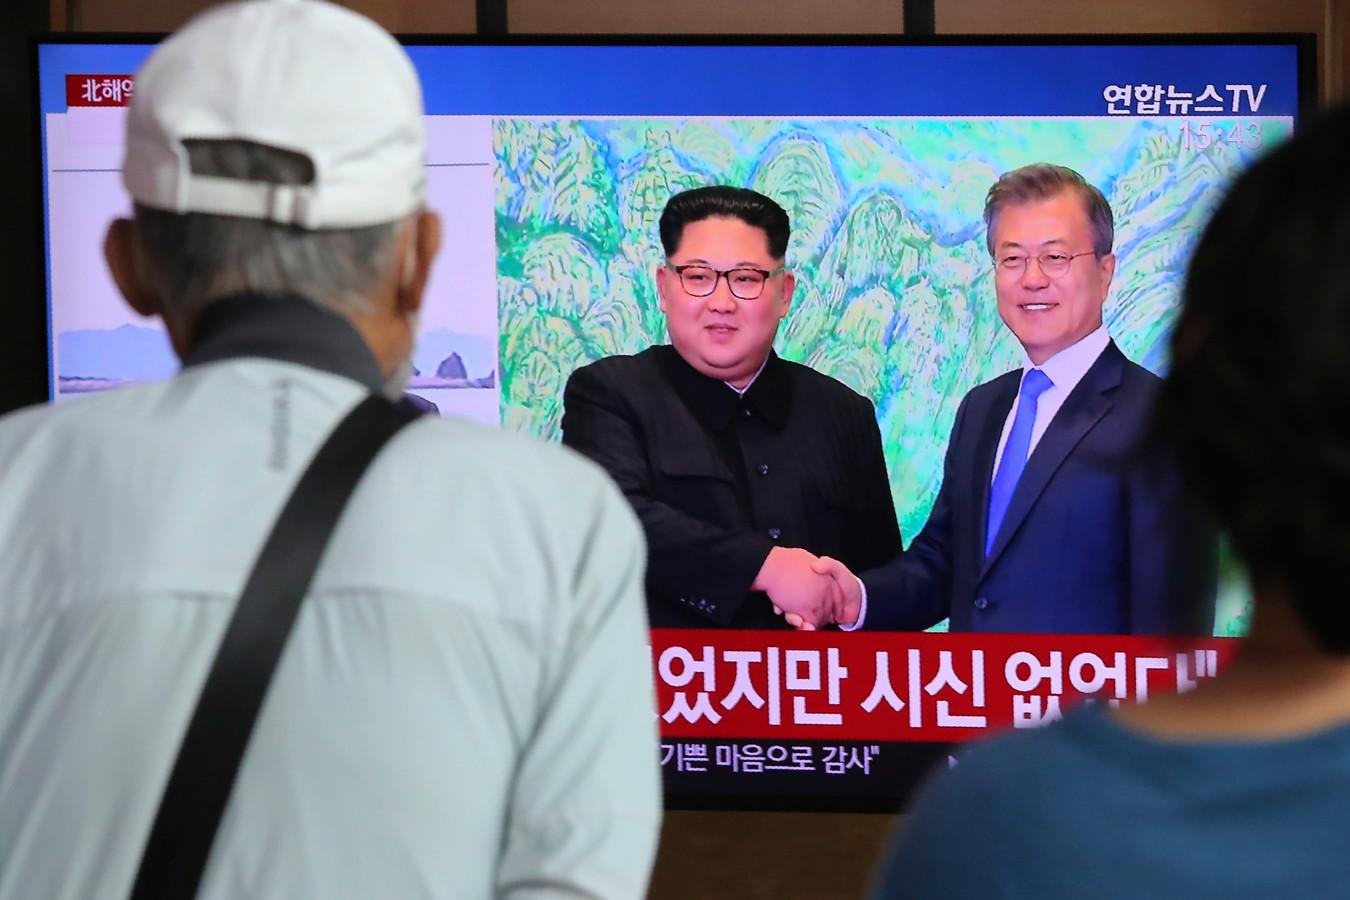 Reizigers op een station in Seoel kijken naar archiefbeelden van de presidenten Kim Jong-un (links) en Moon Jae-in.